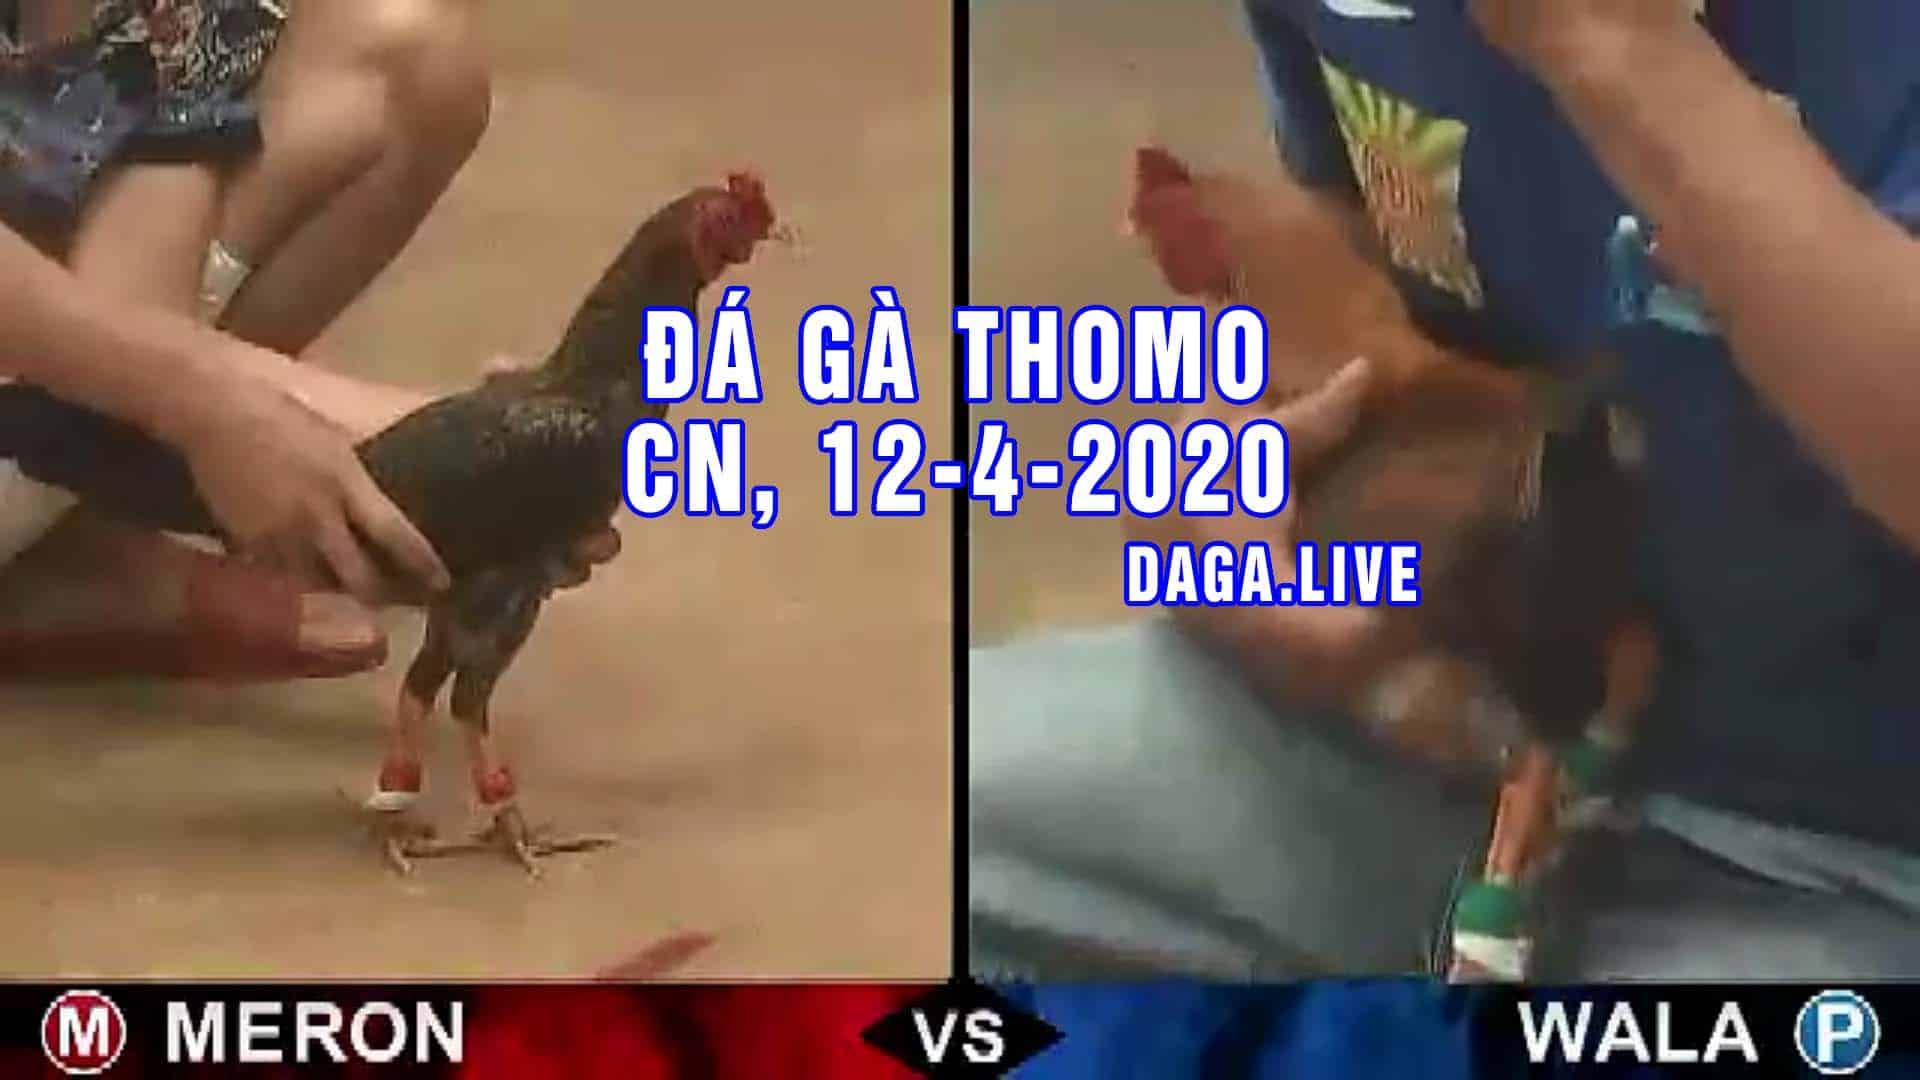 DAGA.LIVE - Đá gà trực tiếp thomo hôm nay, đá gà thomo, đá gà campuchia CHỦ NHẬT NGÀY 12-4-2020